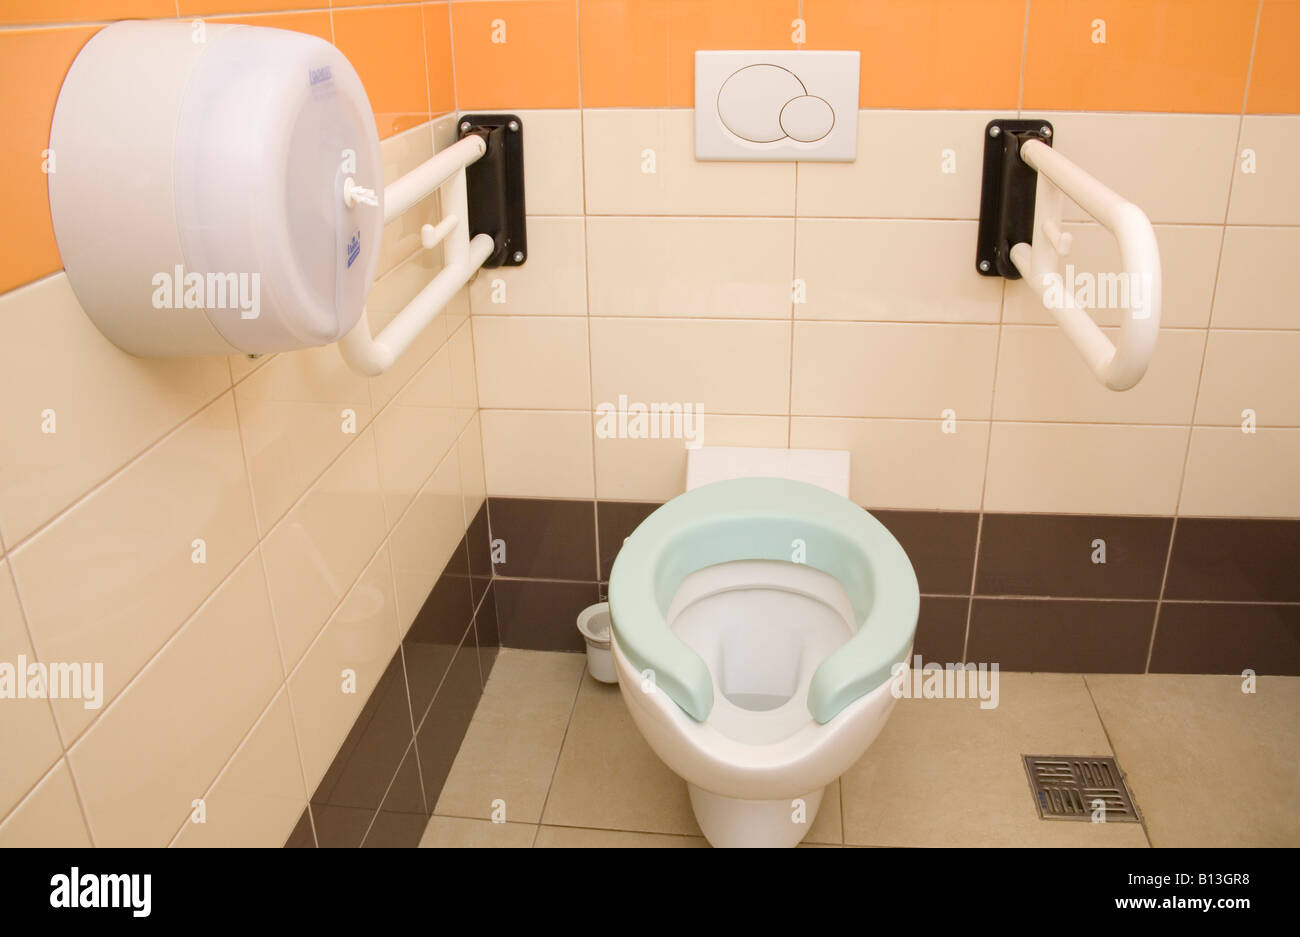 Flush Toilet Stock Photos & Flush Toilet Stock Images - Alamy